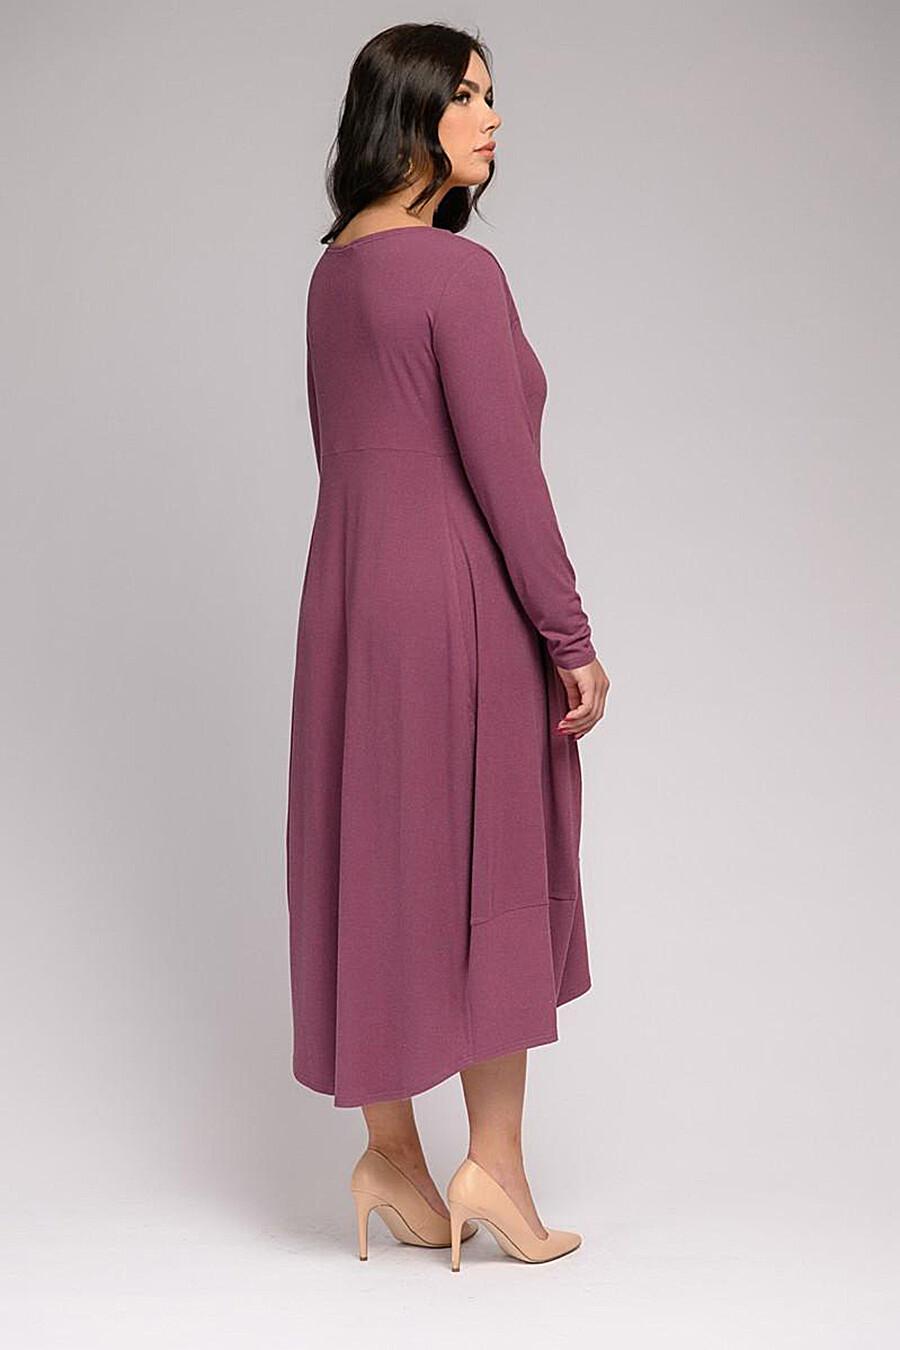 Платье 1001 DRESS (161387), купить в Moyo.moda